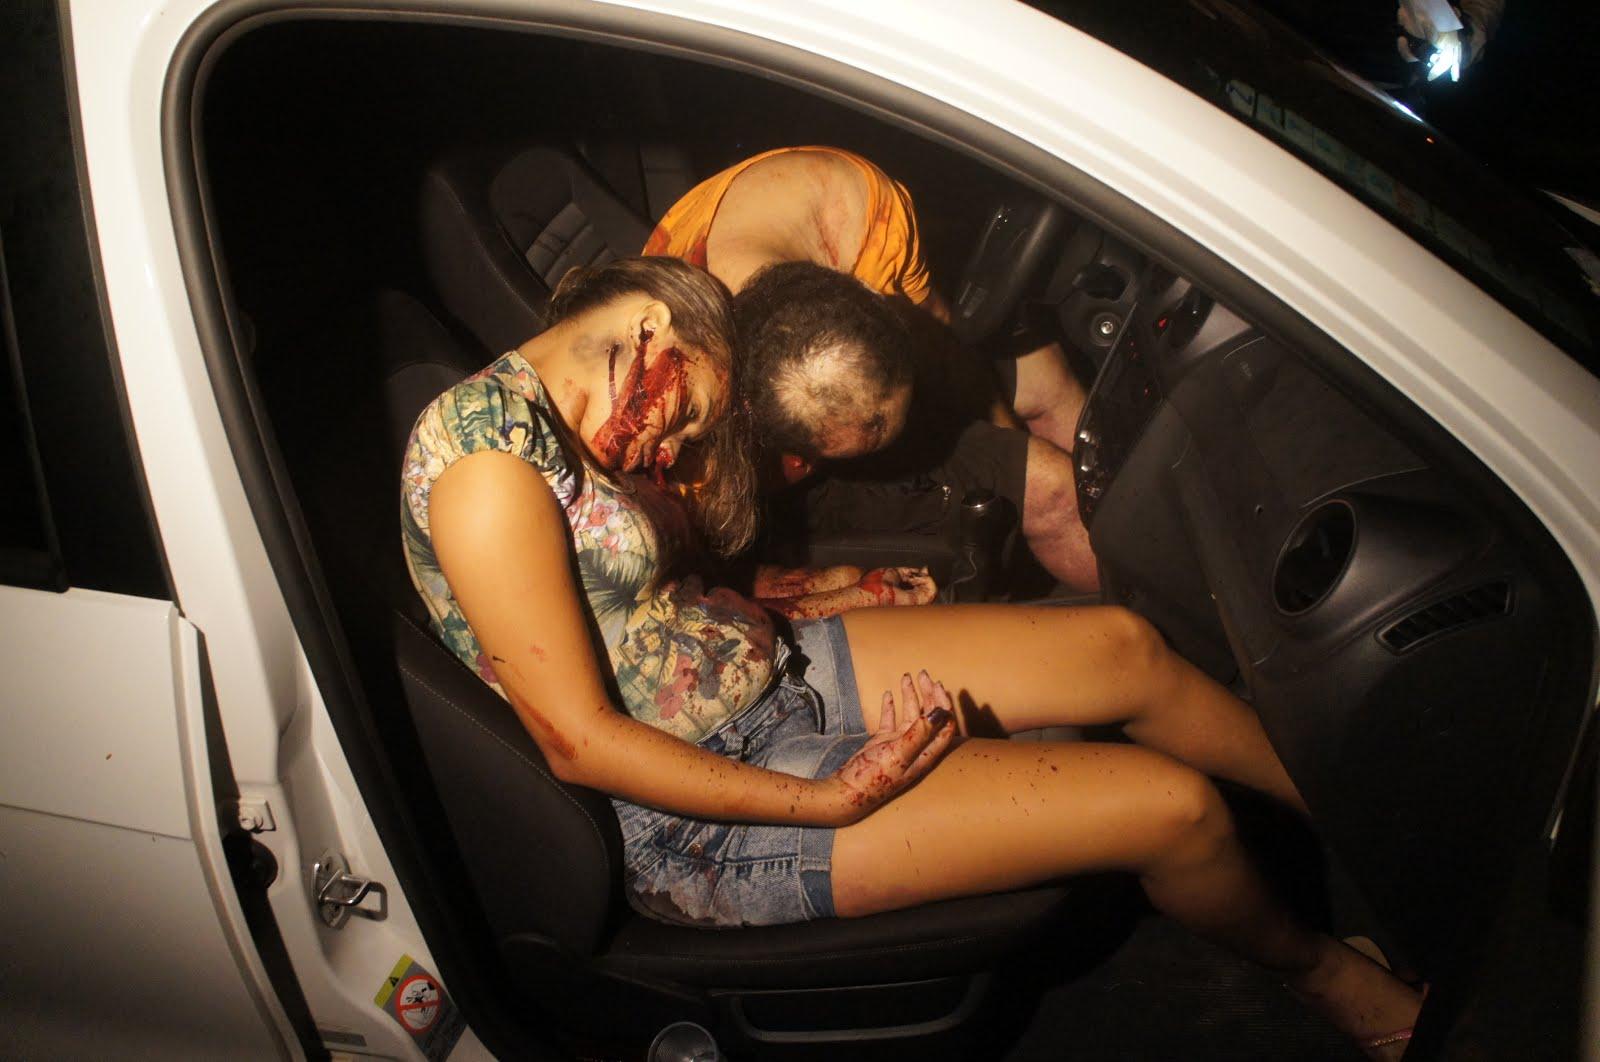 Похищенные девушки фото 3 фотография